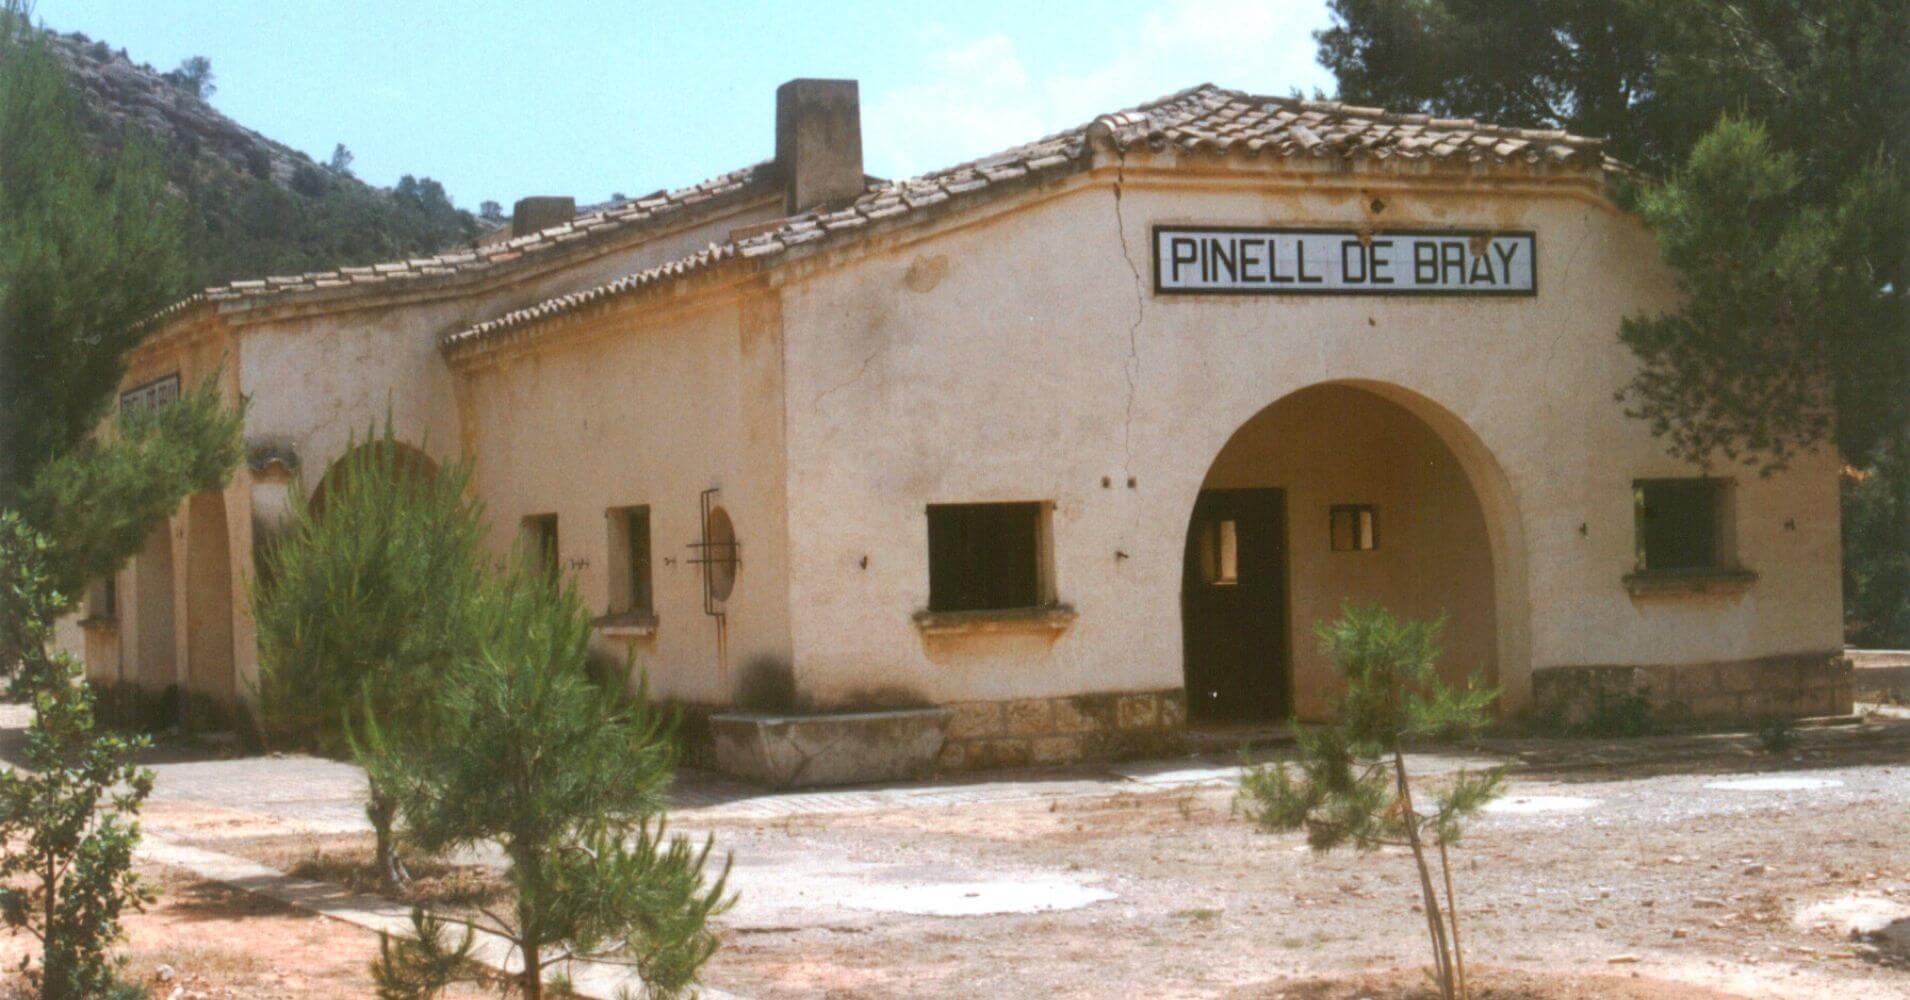 Estación de Pinell de Bray. Tarragona, Cataluña.